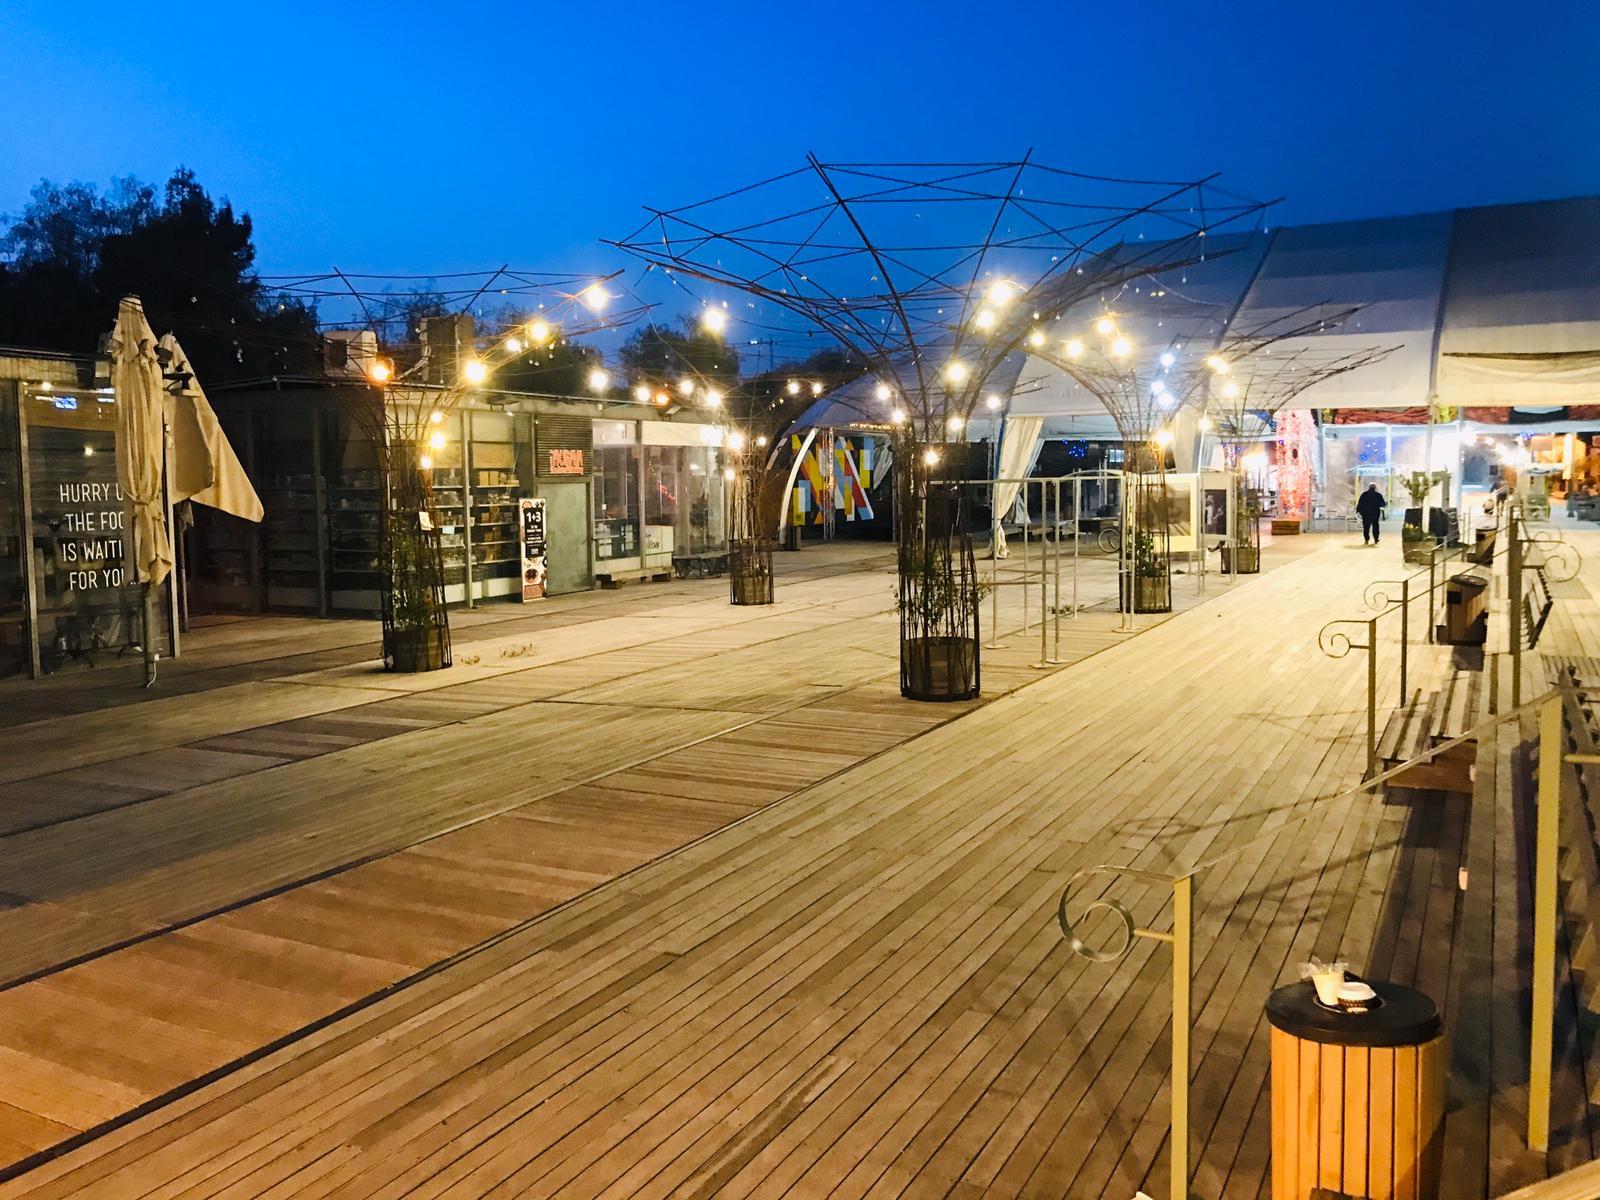 מתחם התחנה - ריק מאנשים בזמן משבר הקורונה (צילום: פרטי)